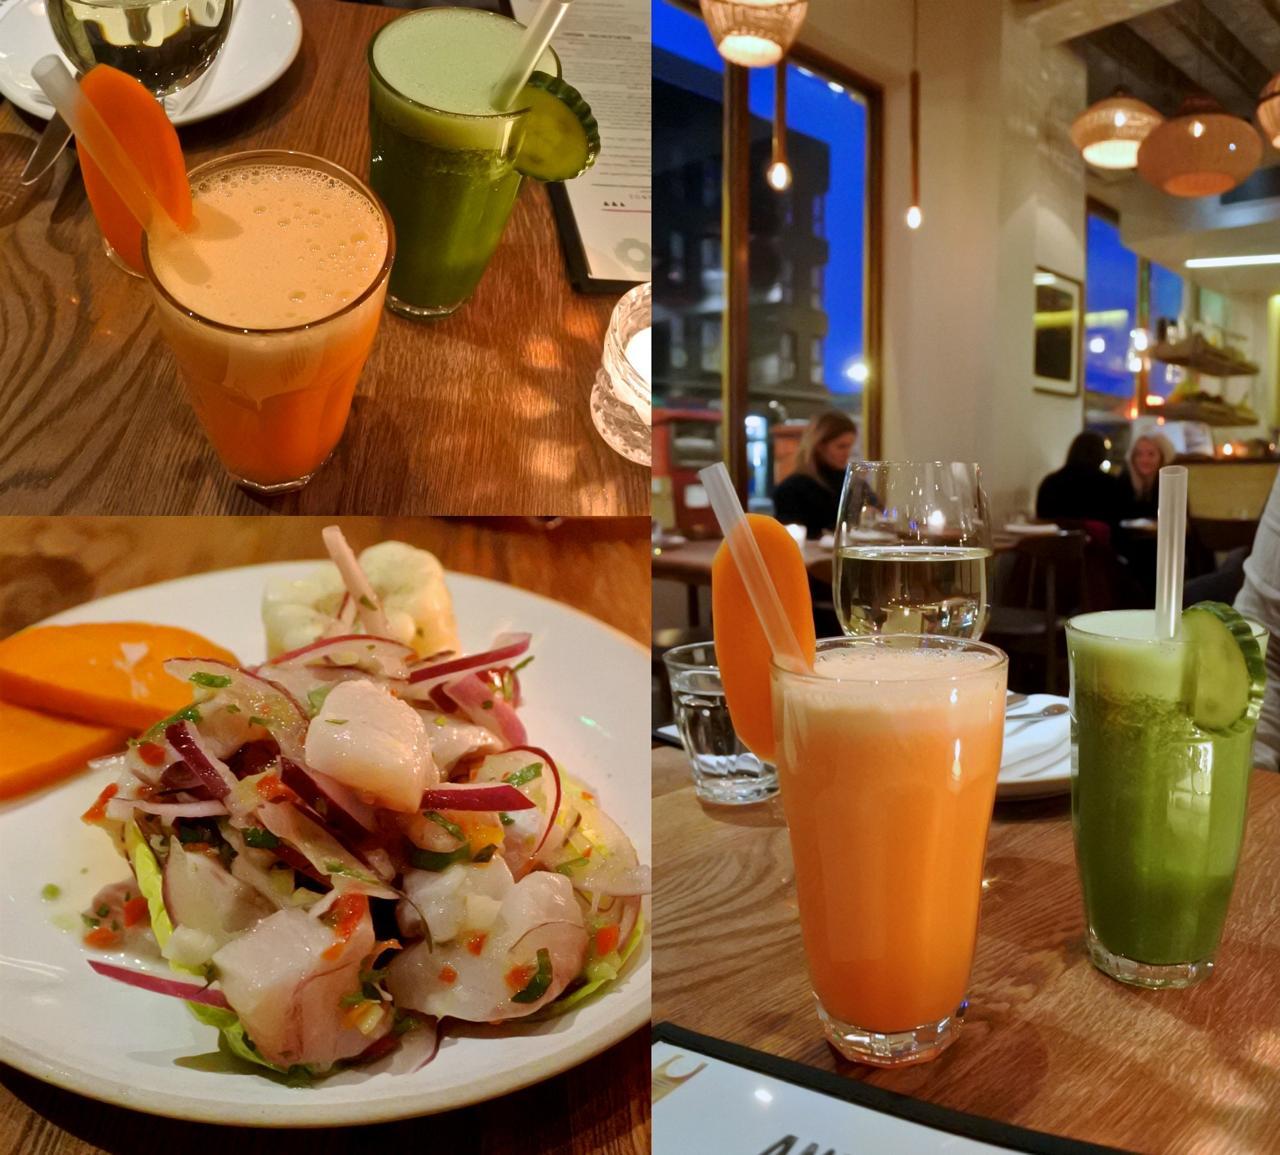 カラフルなフルーツ&野菜ジュースは朝食メニューにもあり☆ 左下はシーバスのセビーチェ